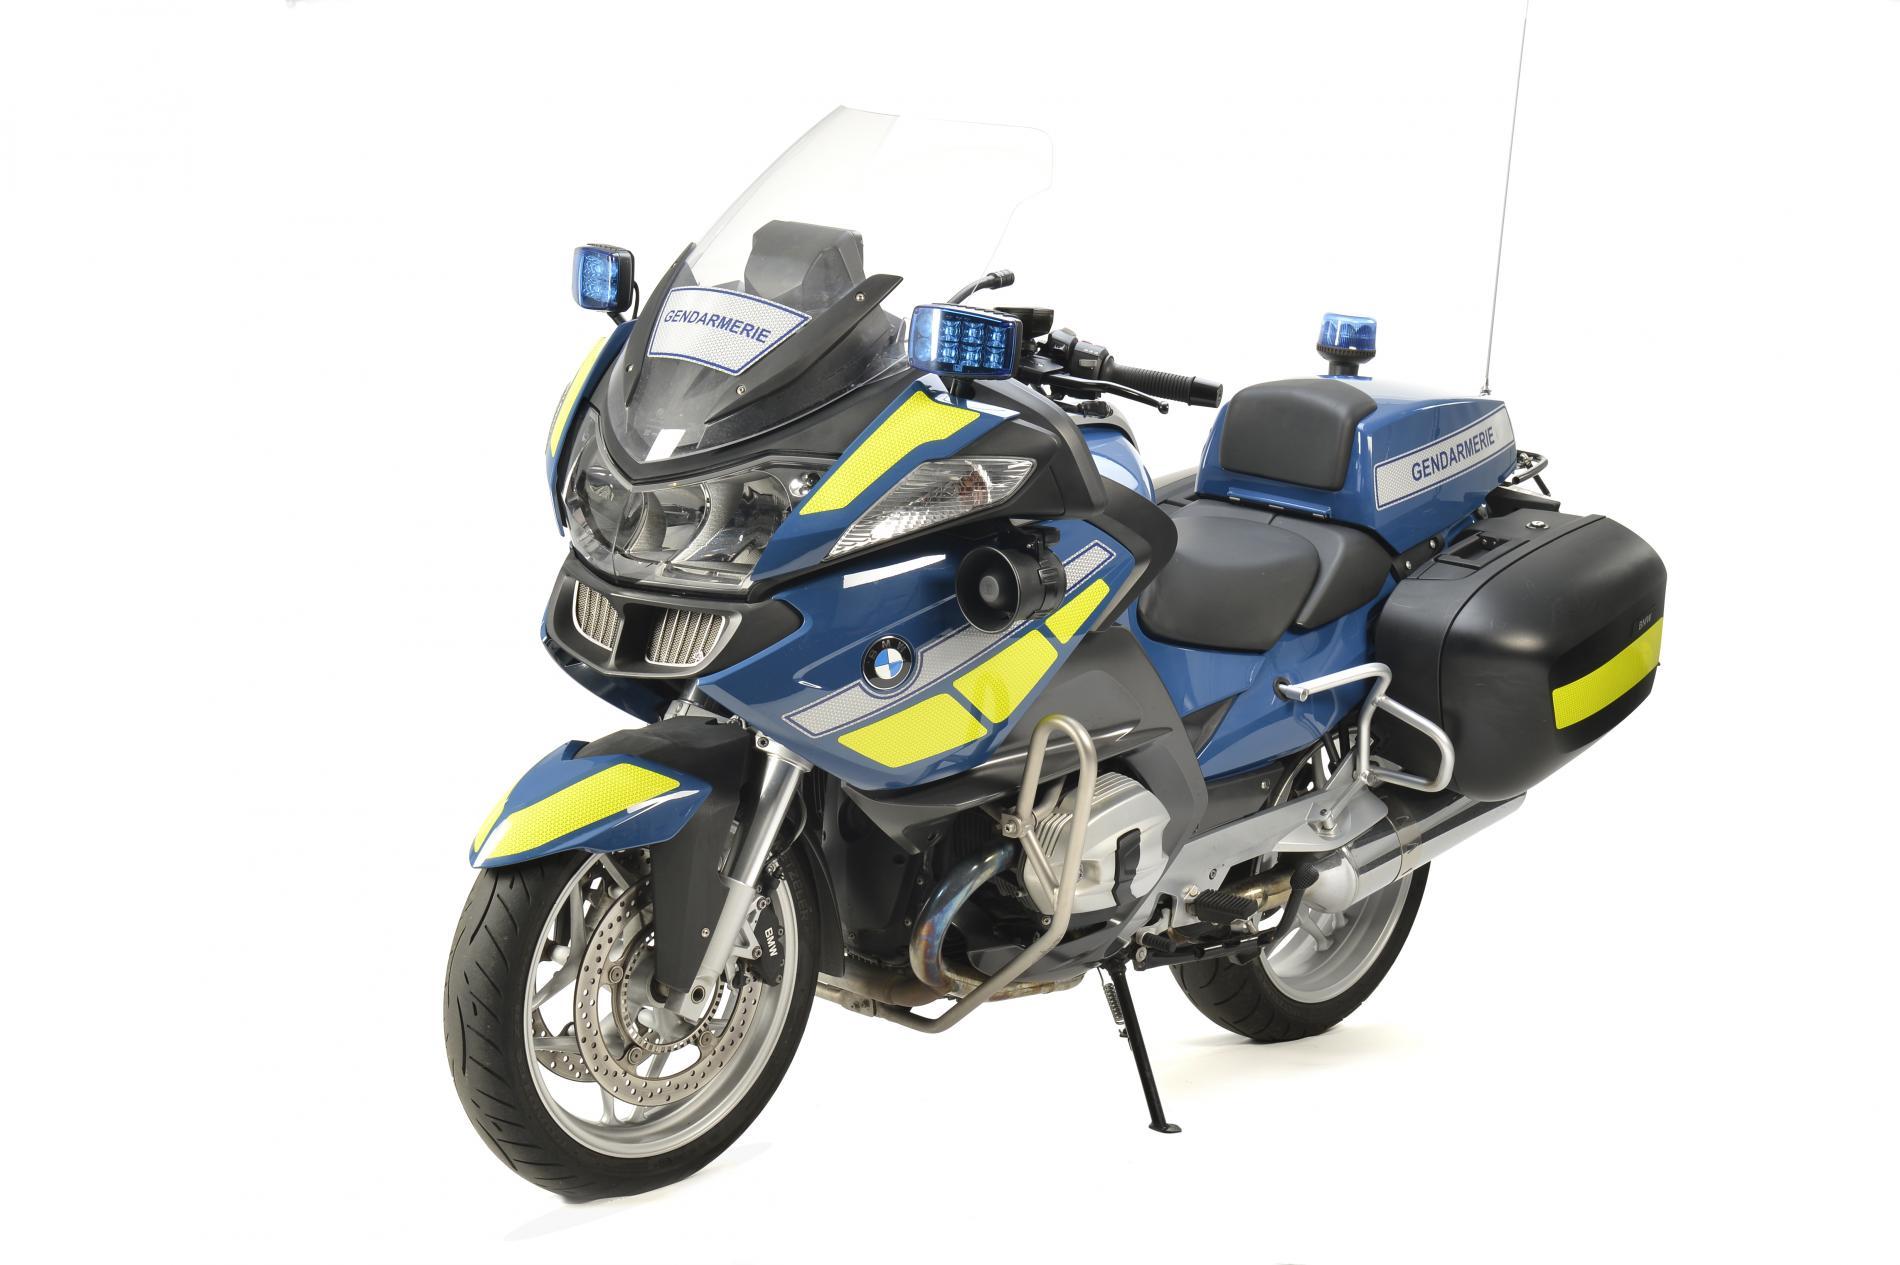 bmw r1200rt gendarmerie motos bmw du sud de la france sport moto thome concessionnaire bmw. Black Bedroom Furniture Sets. Home Design Ideas